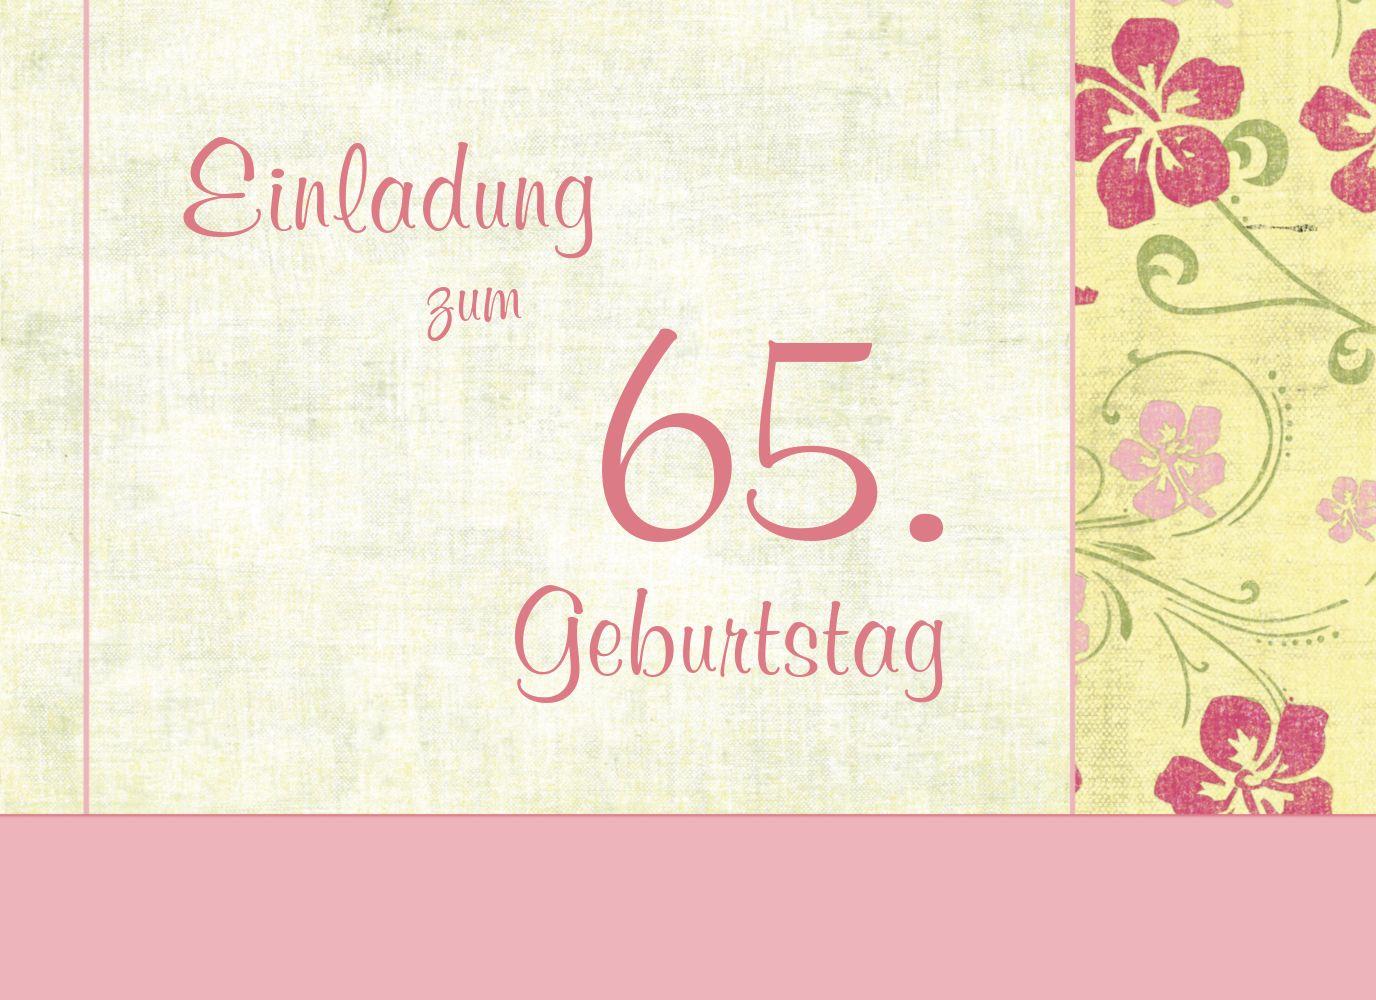 Ansicht 3 - Einladung zum Geburtstag Foto Hibiskus 65